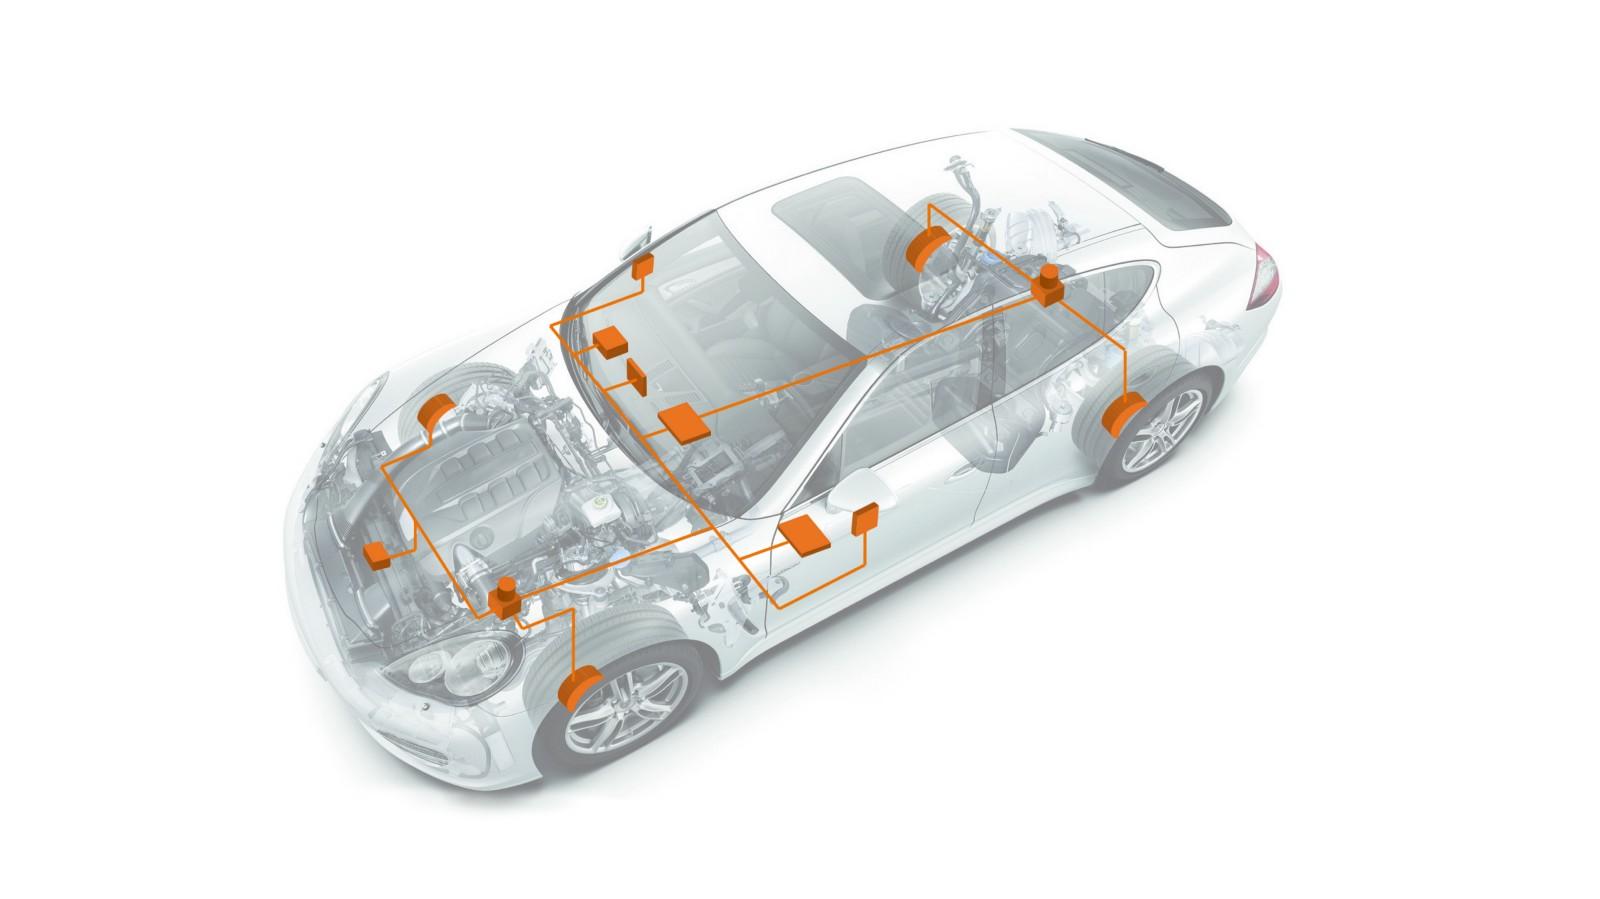 CAN шина автомобиля и устройства, подключенные к ней